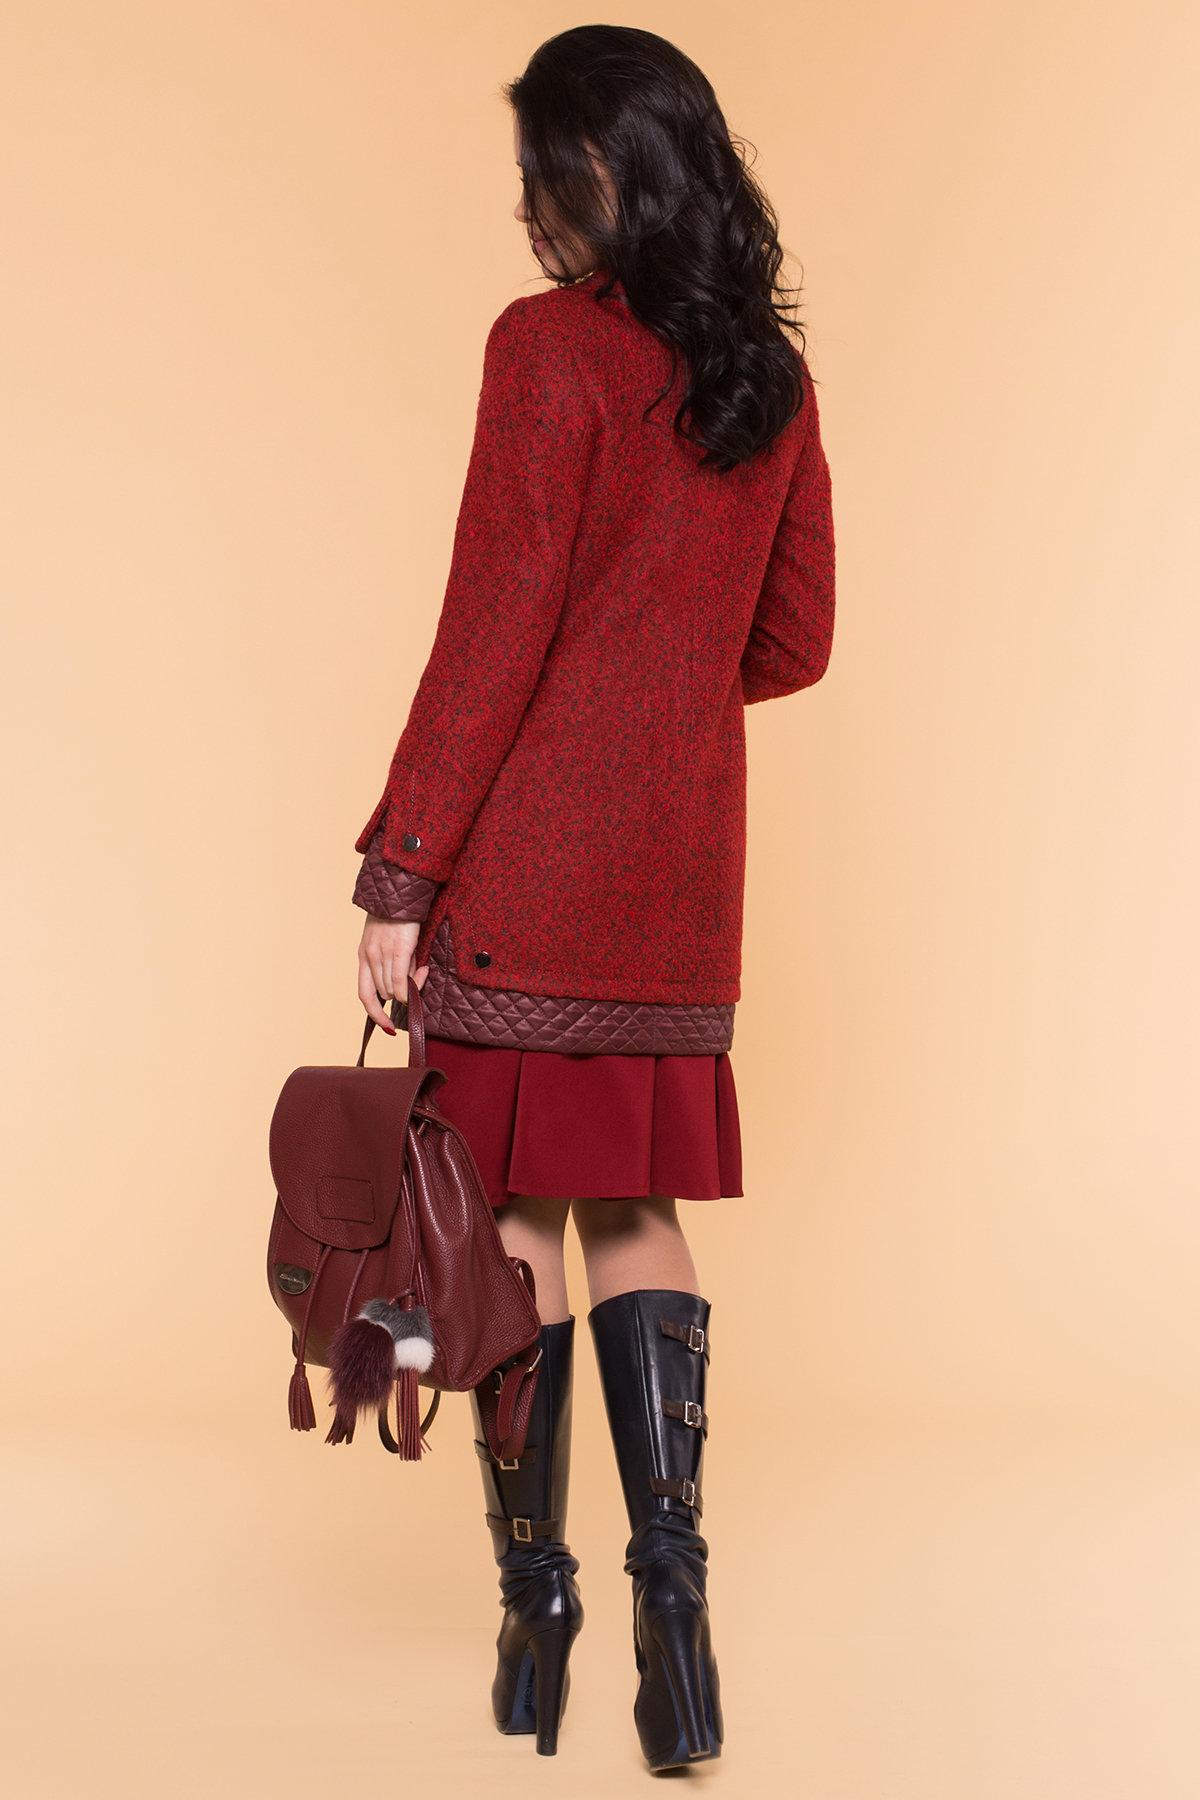 Пальто Амберг 1450  АРТ. 9183 Цвет: Красный/черный/бордо - фото 2, интернет магазин tm-modus.ru